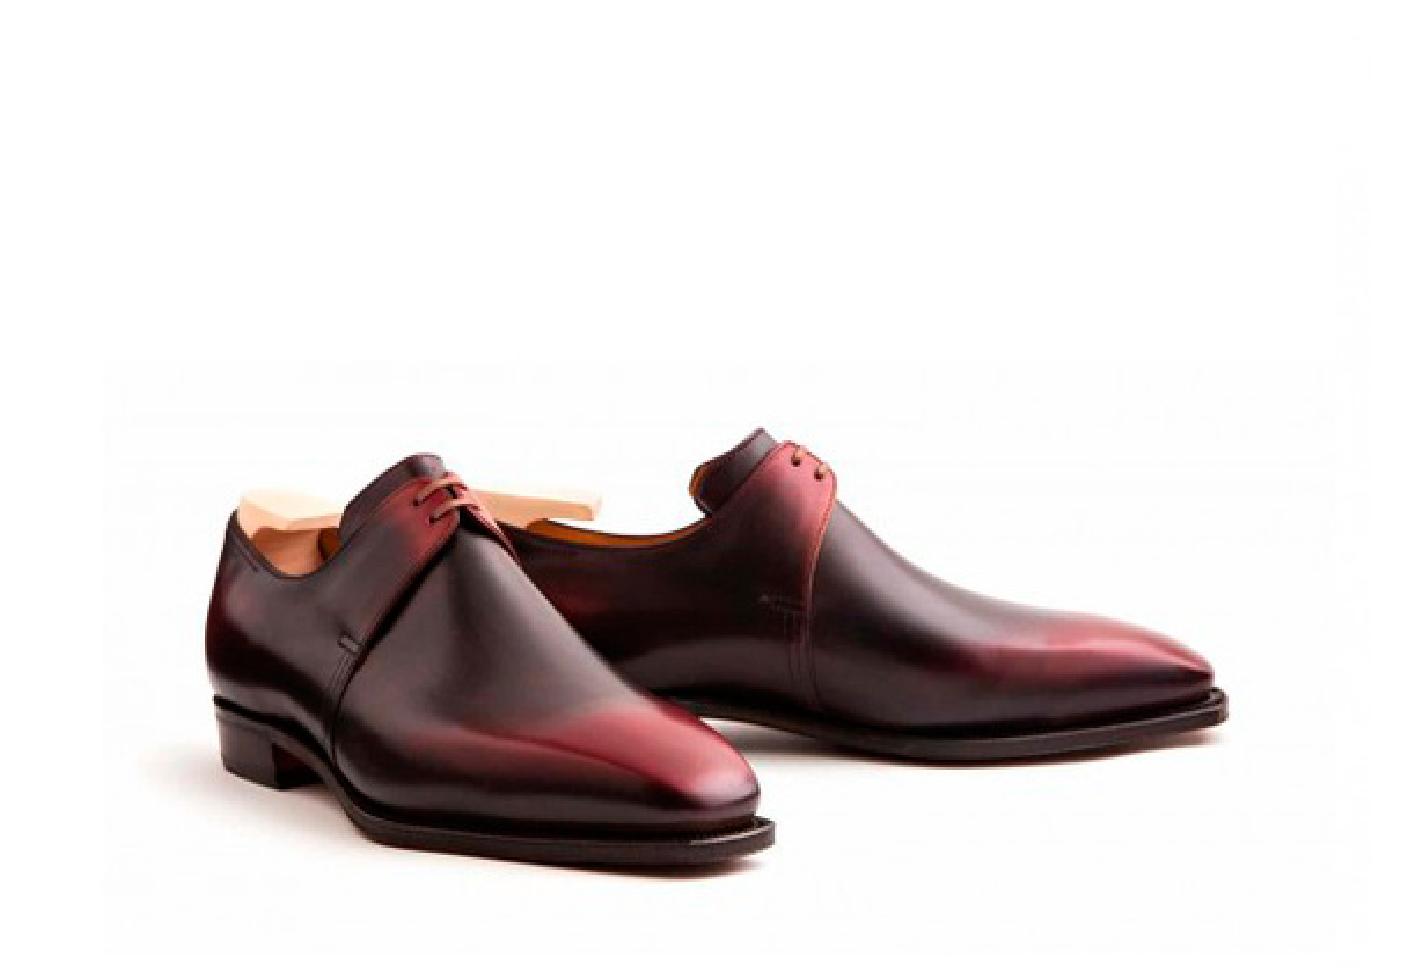 174f36b9 Las mejores marcas de zapatos de vestir para hombres...Entre las